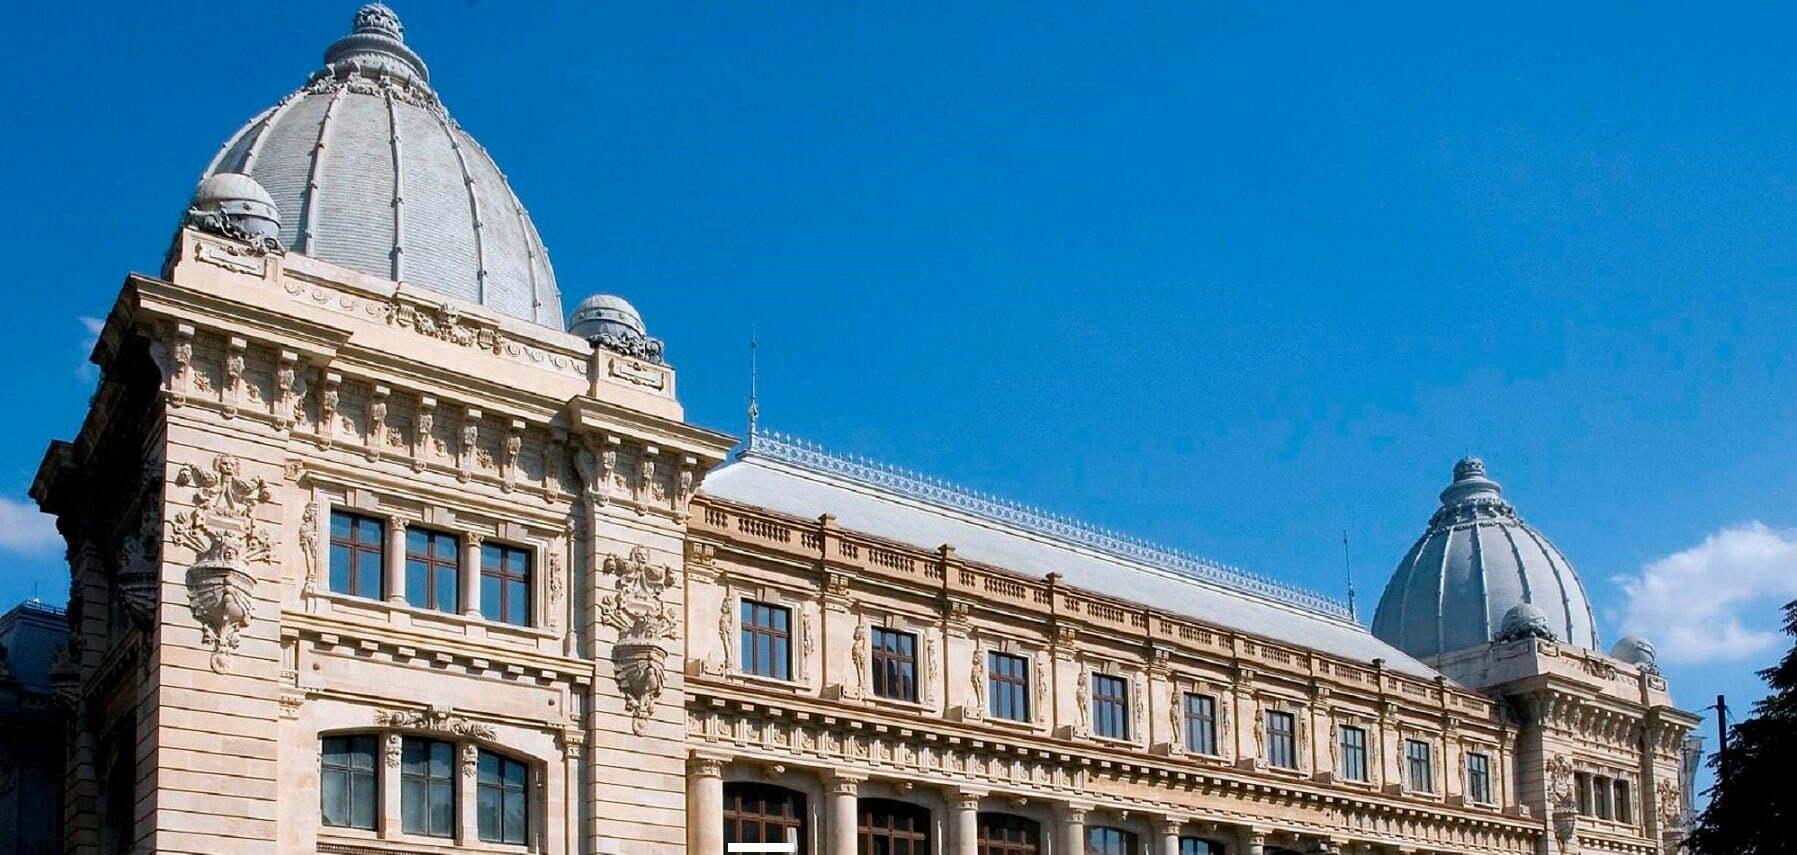 MUZEUL NAŢIONAL DE ISTORIE A ROMÂNIEI organizează examen de promovare în grad profesional pentru următoarele funcții